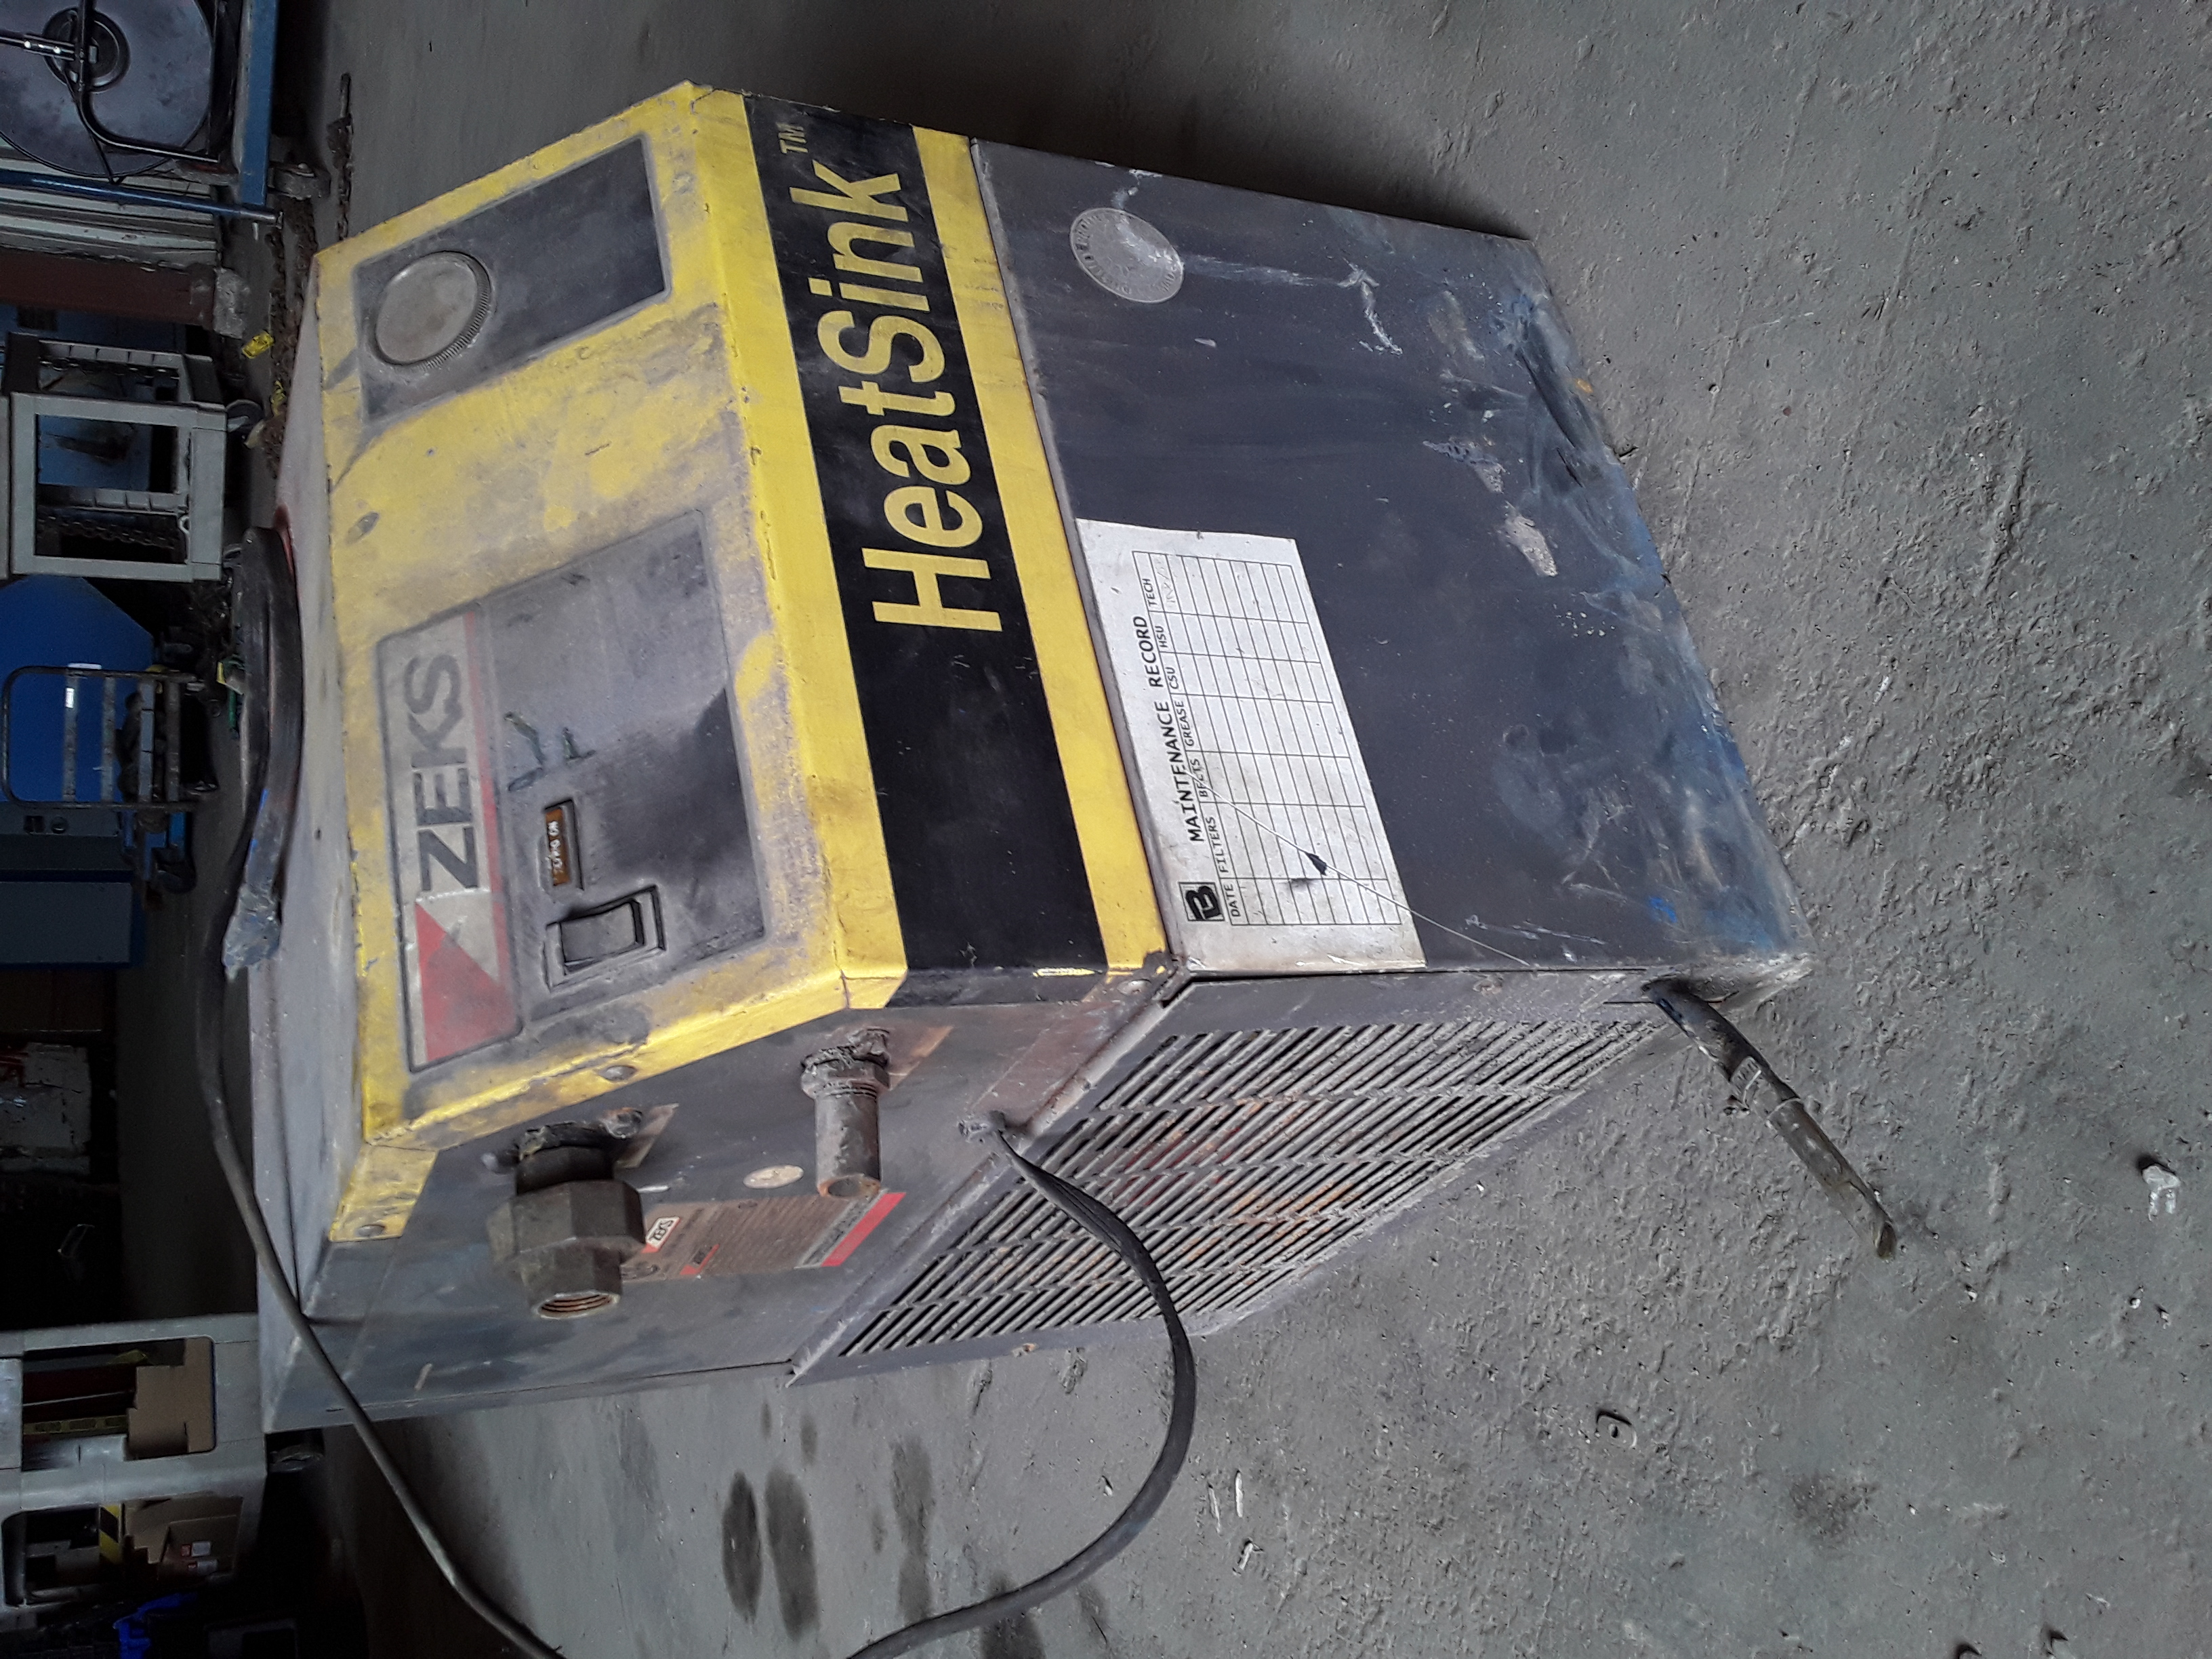 (1) PREOWNED ZEKS AIR DRYER, MODEL 35HSDA100, S/N 84070-3